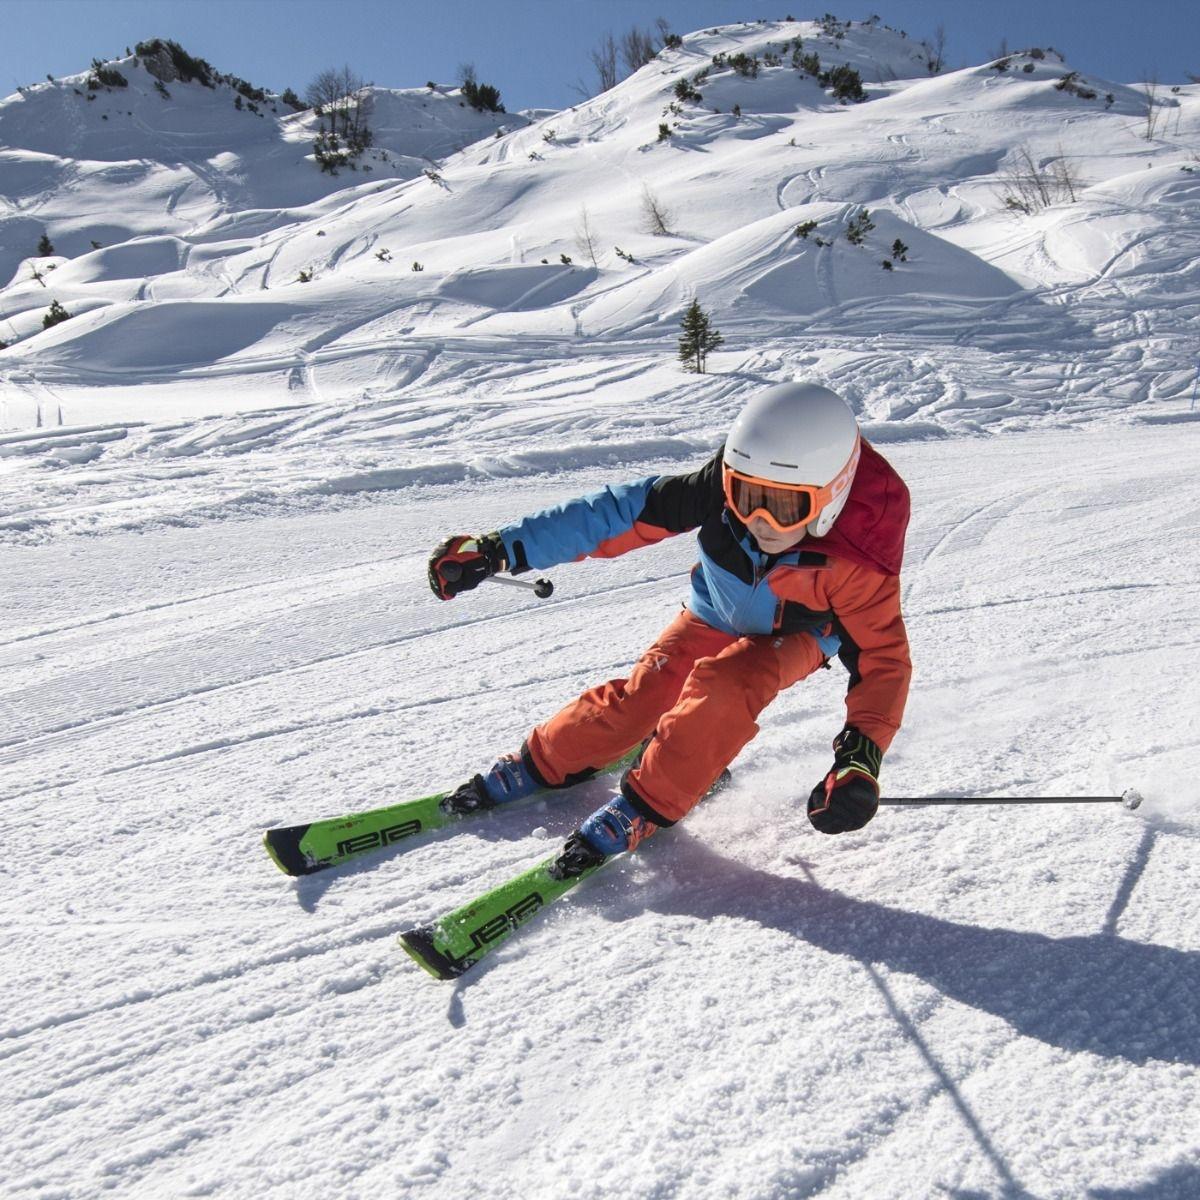 Лыжная трасса радонеж морозки фото брошенных авто